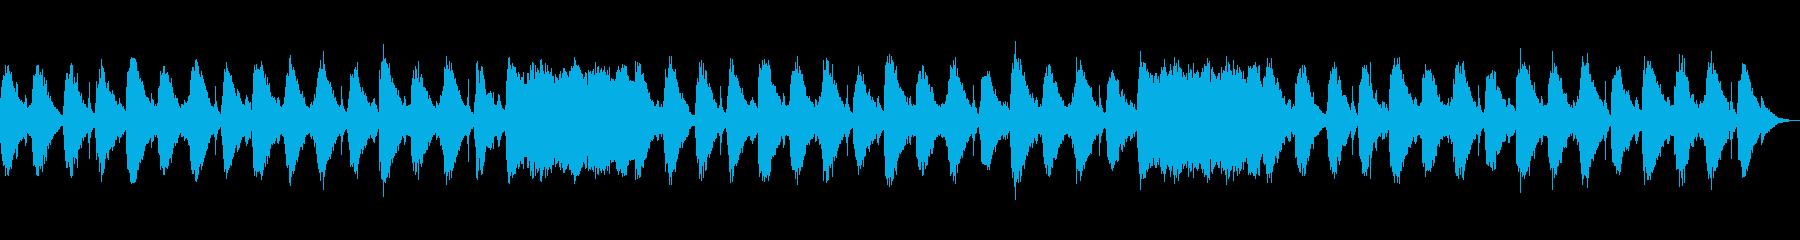 柔らかいサウンドのヒーリング音楽の再生済みの波形